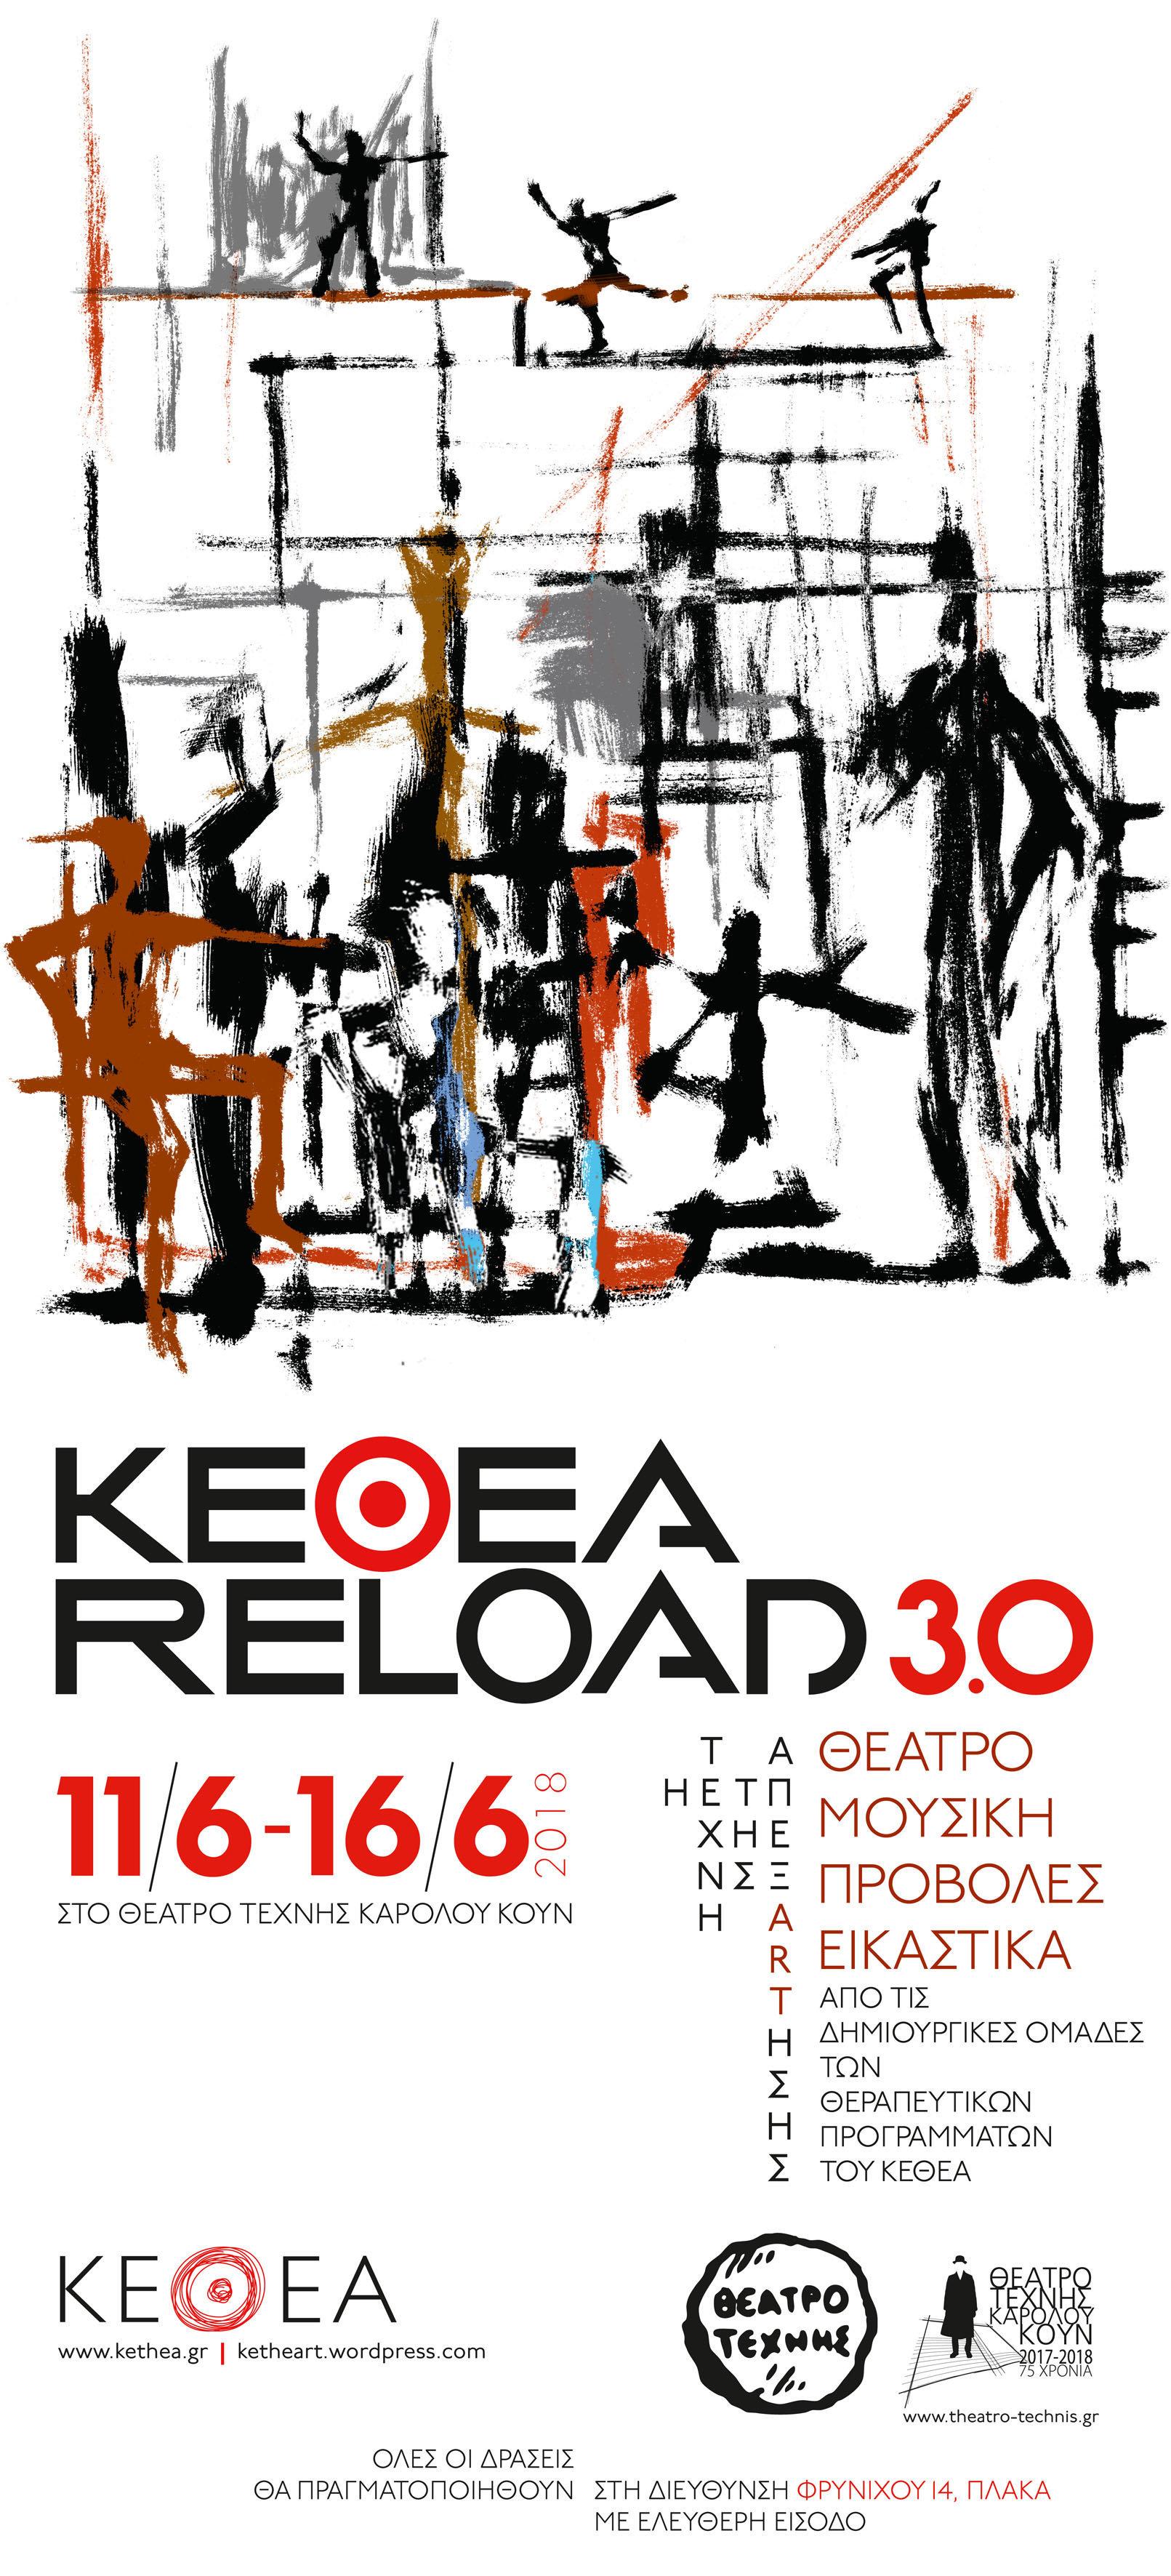 ΚΕΘΕΑ Reload 3.0: Για 6 μέρες, 11 καλλιτεχνικές δράσεις ρίχνουν φως σε εκείνους που παλεύουν με το